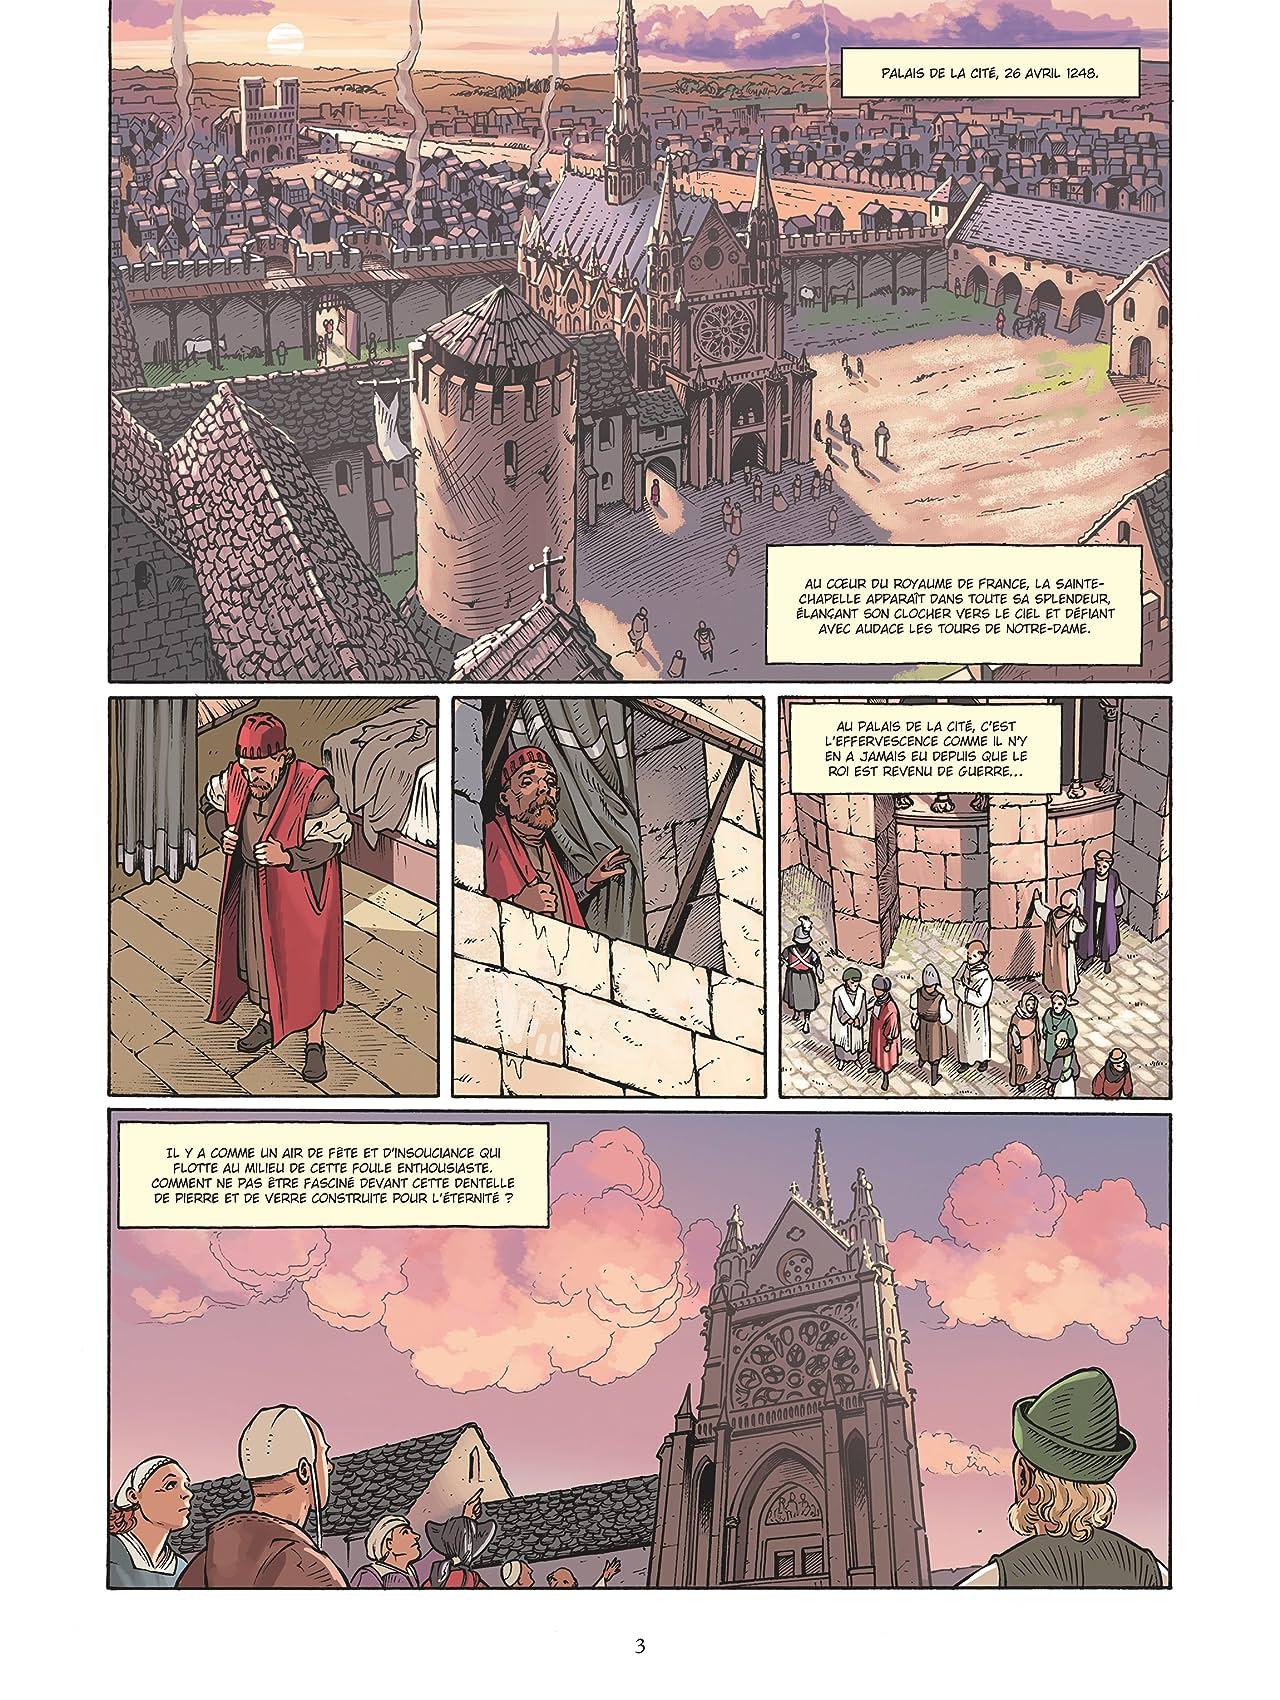 L'Architecte du palais: Le Mystère de la Sainte-Chapelle